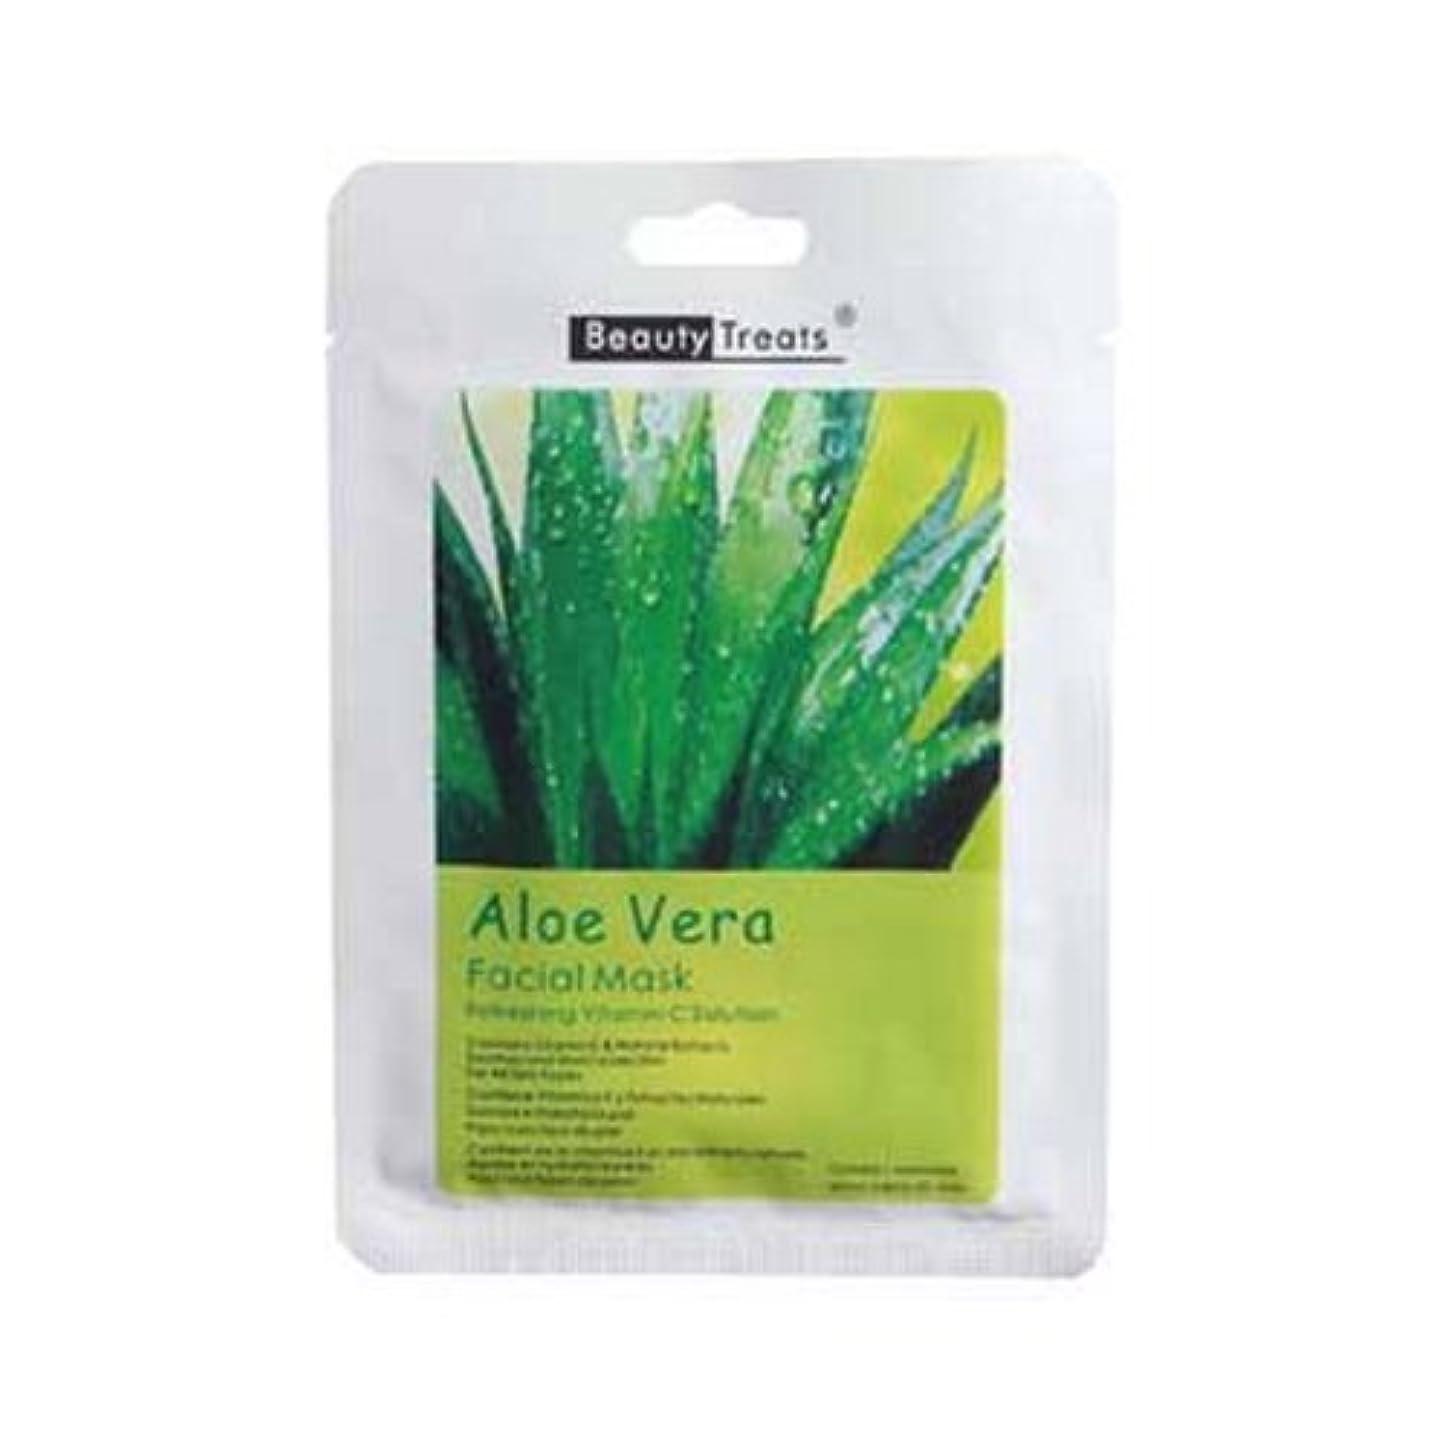 カーテン服を着る利得(6 Pack) BEAUTY TREATS Facial Mask Refreshing Vitamin C Solution - Aloe Vera (並行輸入品)